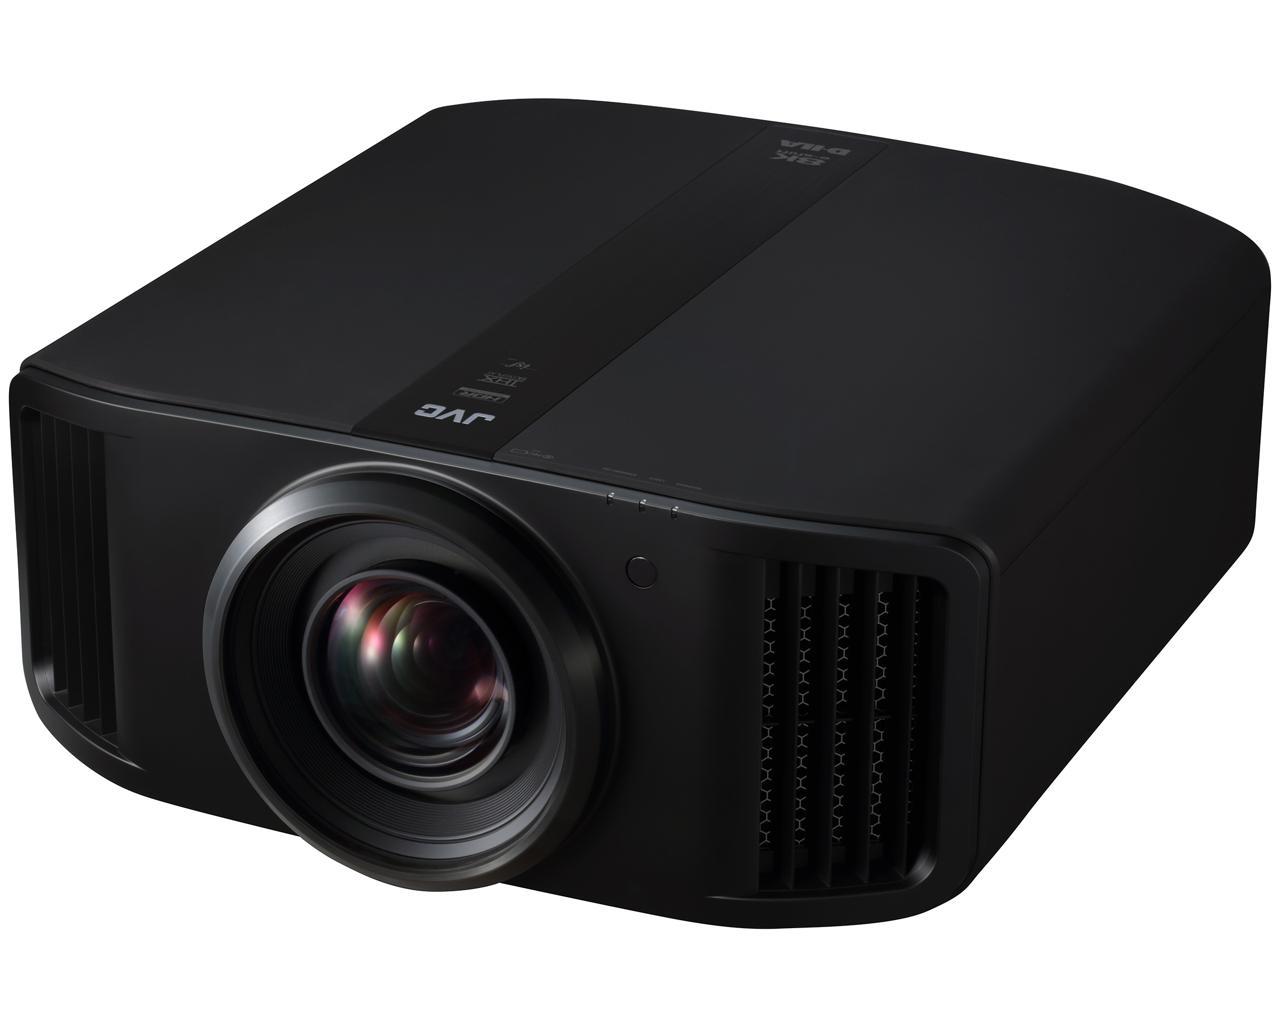 """Der DLA-NX9 mit zukunftsweisender 8K E-Shift-Technologie ist der weltweit erste Heimkino-Projektor, der nahezu die Bildqualität eines 8K-Displays* erreicht. Zusätzlich zu den erstaunlich detailreichen Bildern, kombiniert er eine enorme Helligkeit mit einem hervorragenden Kontrastverhältnis und einem kinotauglichen DCI-P3 Farbraum. Dadurch erreicht er eine Kino-Atmosphäre, die realitätsnäher ist als je zuvor. E-shift ist die JVC eigene hochauflösende Display-Technologie, um die Auflösung zu verdoppeln, indem man die zusätzlich errechneten Pixel diagonal um 0,5 Pixel verschiebt. So erreicht man zusammen mit dem nativen 4K D-ILA Projektor nahezu die Bildqualität eines 8K Displays. Das mit 8K E-Shift projizierte Bild erzeugt eine viel feinere Auflösung als man das mit 4K erreichen könnte, und somit selbst auf großen Leinwänden mit der Realität konkurrieren kann. Durch die Verwendung der hochauflösenden Originaltechnologie """"Multiple Pixel Control"""" werden auch Full-HD- und 4K-Bilder in hochauflösende 8K-Bilder* transformiert. Der DLA-NX9 ist mit einem 100mm Ganzglas-Objektiv im Aluminiumkorpus ausgestattet, bestehend aus 18 Elementen in 16 Gruppen. Um eine hohe Auflösung bis in jede Ecke des projizierten Bildes zu gewährleisten und gleichzeitig einen großen Shift-Bereich von +/-100% vertikal, +/-43% horizontal zu realisieren, wird ein Objektiv mit 100 mm Durchmesser genutzt. Fünf spezielle Linsen mit niedriger Dispersion, die den unterschiedlichen Brechungsindex von Rot, Grün und Blau berücksichtigen, wurden eingesetzt, um chromatische Aberration und Abbildungsfehler zu unterdrücken und die 8K Auflösung getreu wiederzugeben. *Nicht kompatibel mit 8K Signal-Eingang , JVC - DLA NX9B D-ILA High End 4K Projector"""